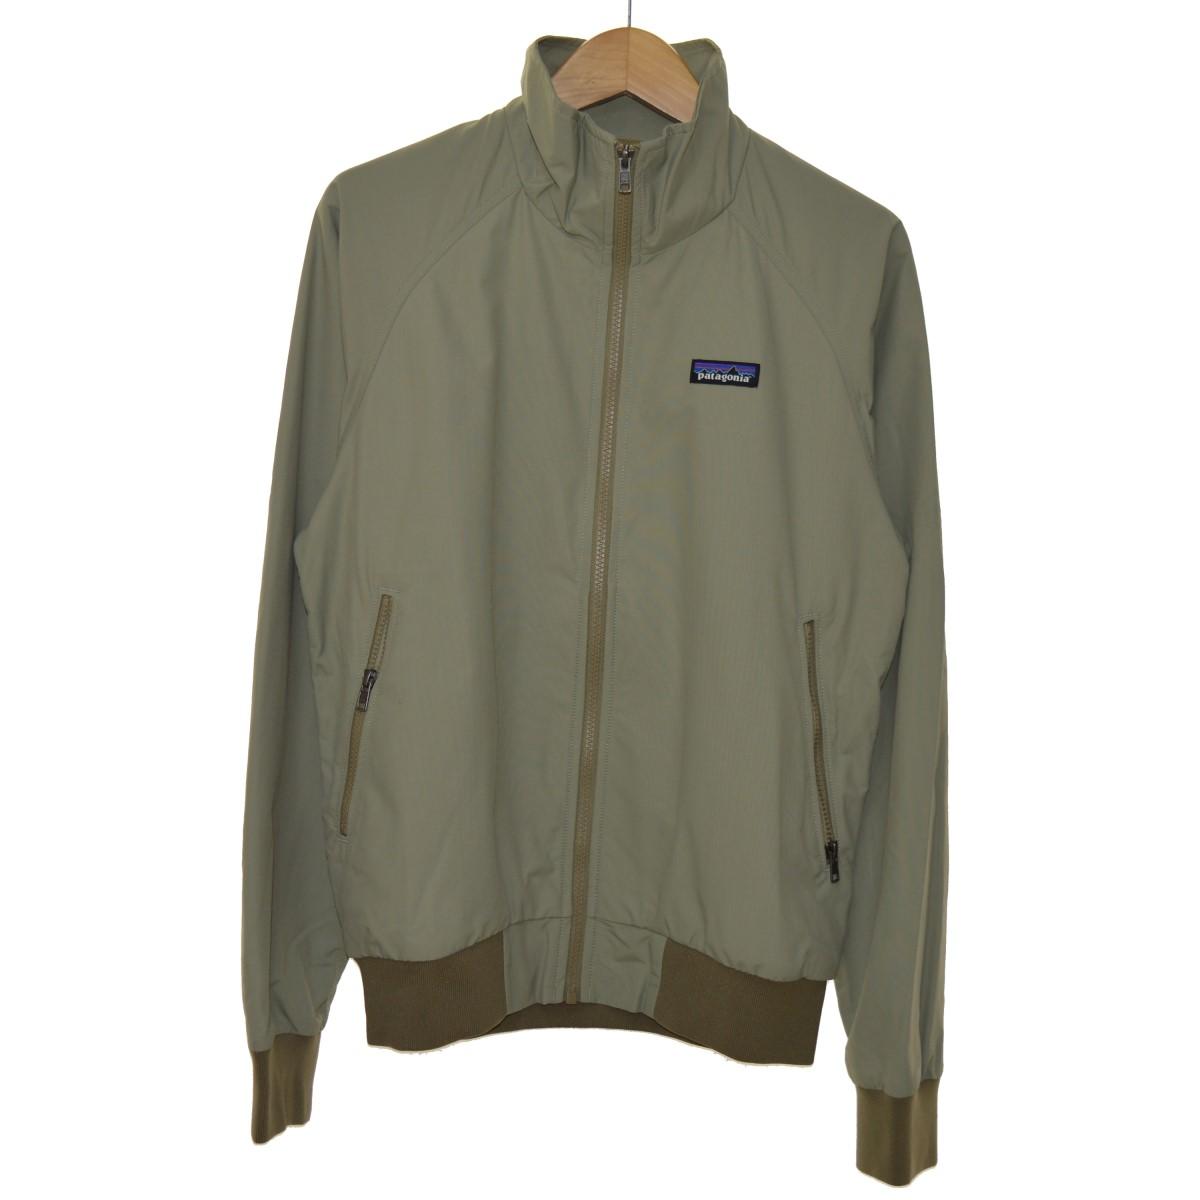 【中古】patagonia 19SS Baggies Jacket ブルゾン カーキ サイズ:S 【040520】(パタゴニア)